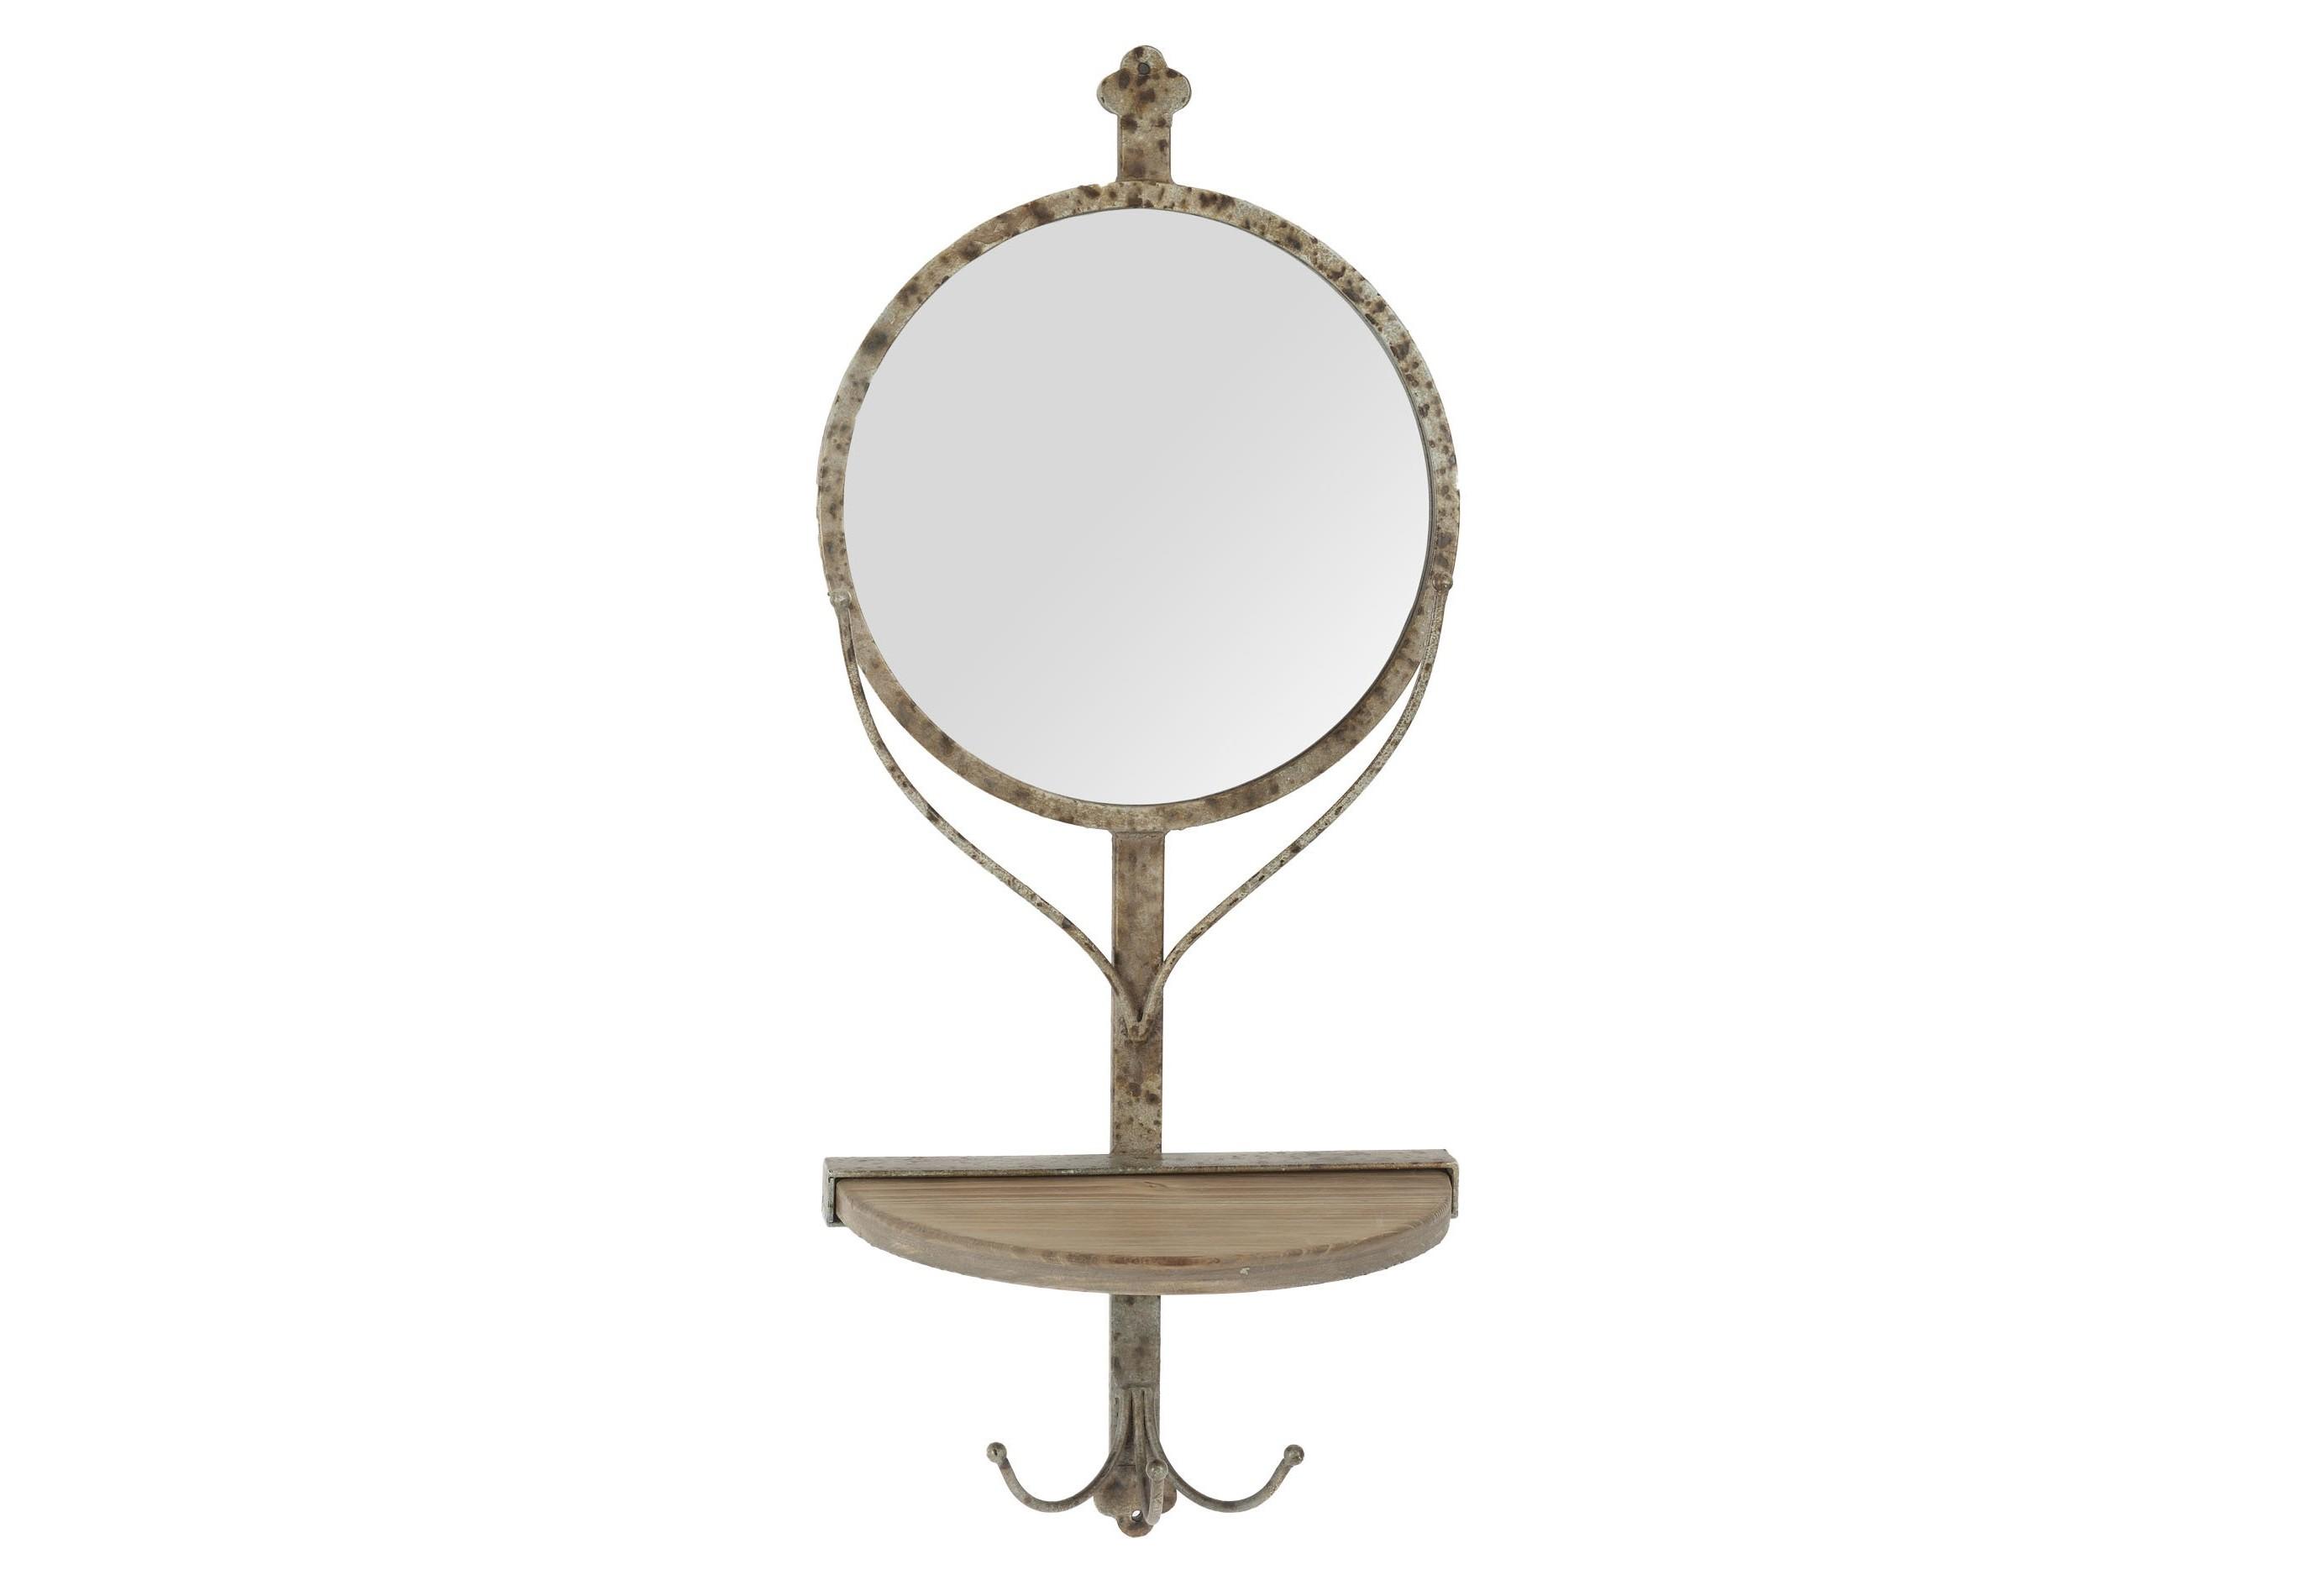 Зеркало настенное FiumicinoНастенные зеркала<br><br><br>Material: Стекло<br>Width см: 25<br>Depth см: 12<br>Height см: 58,5